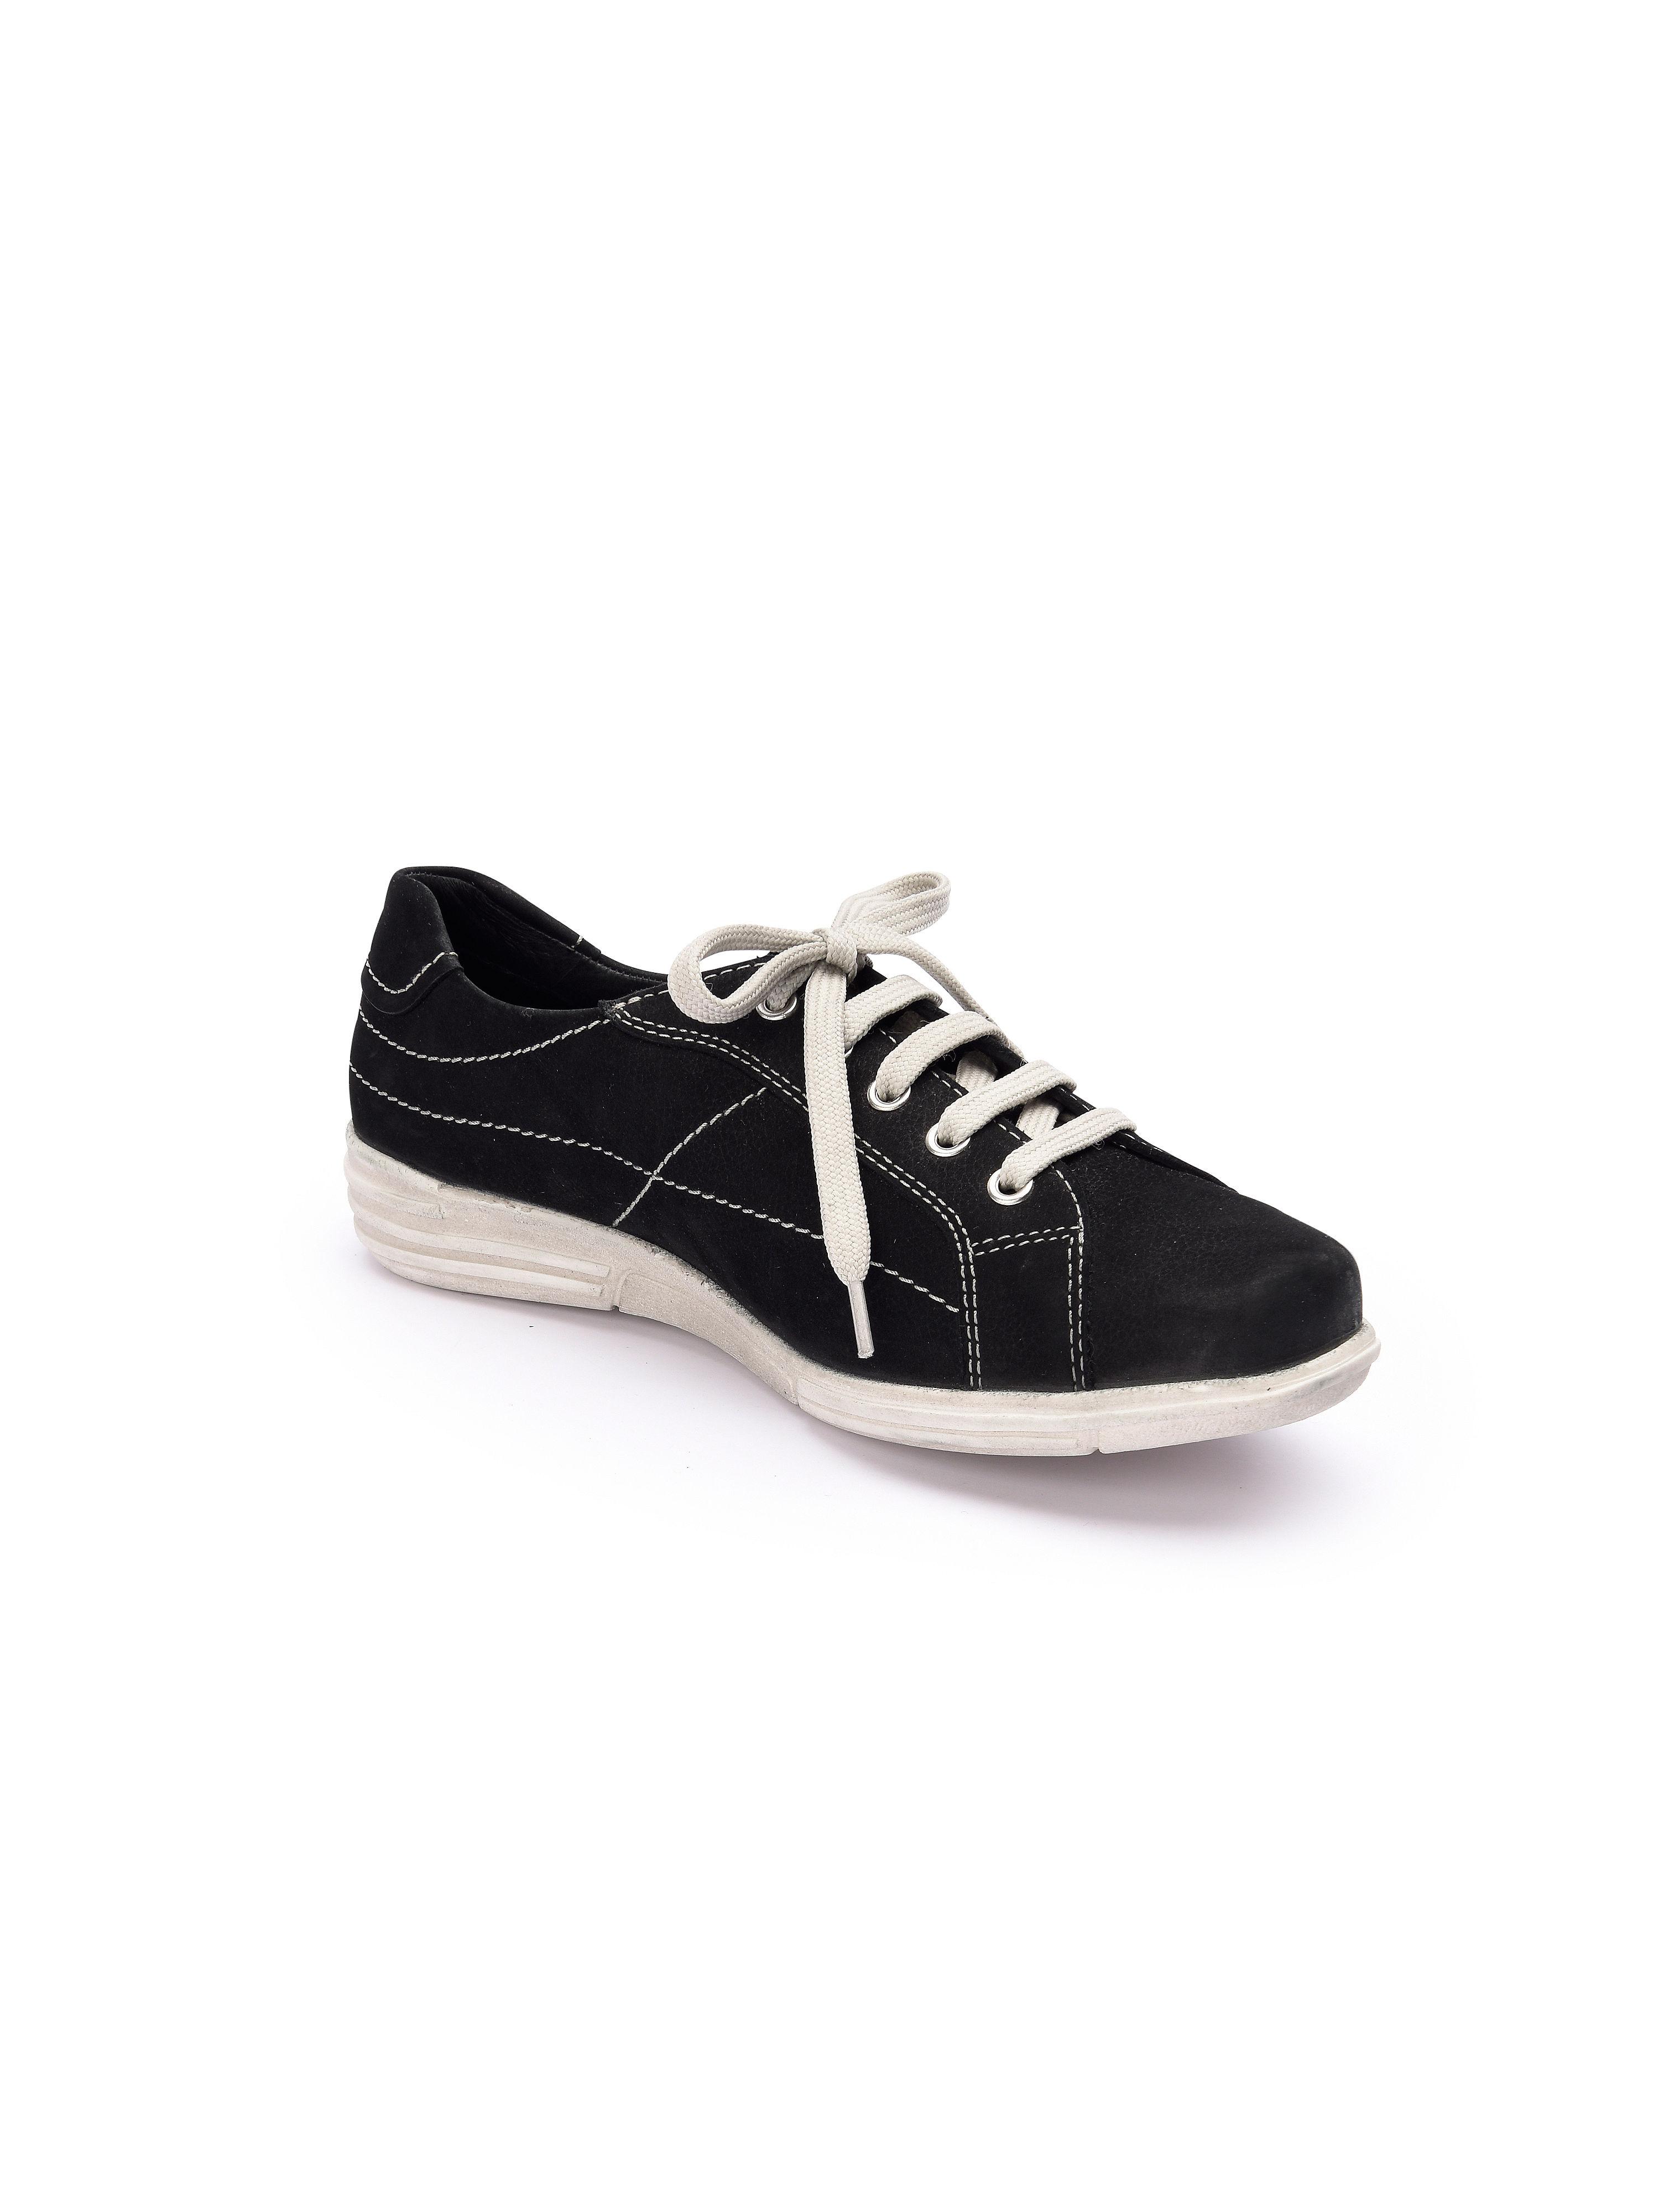 Theresia M. - Schnürer - Schwarz Gute Qualität beliebte Schuhe